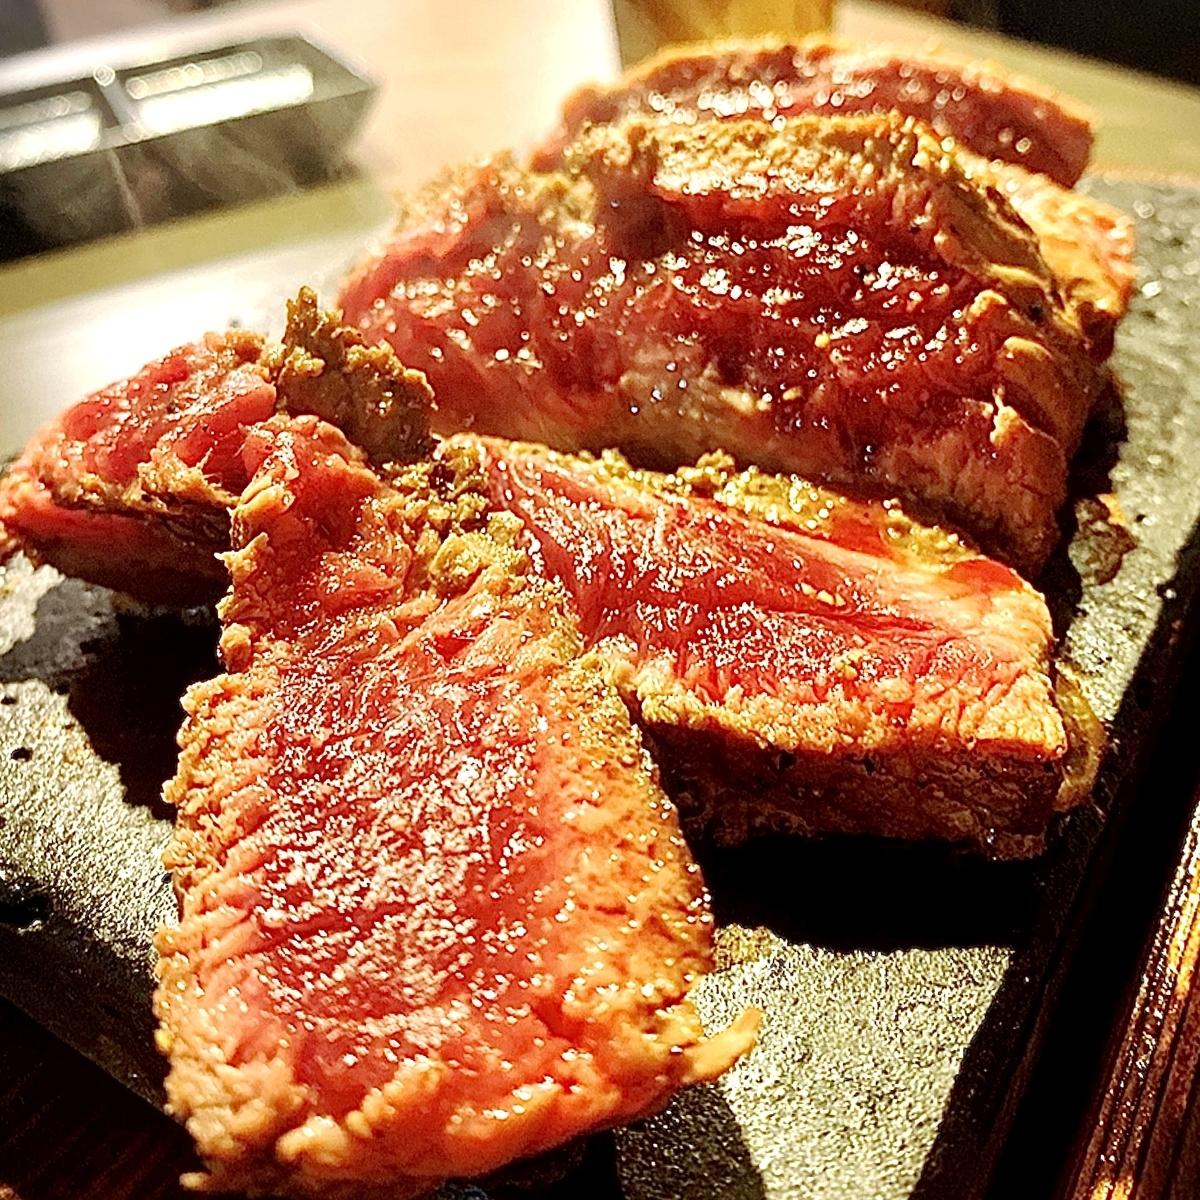 沖縄から都内初上陸したステーキ屋が吉祥寺にニューオープン